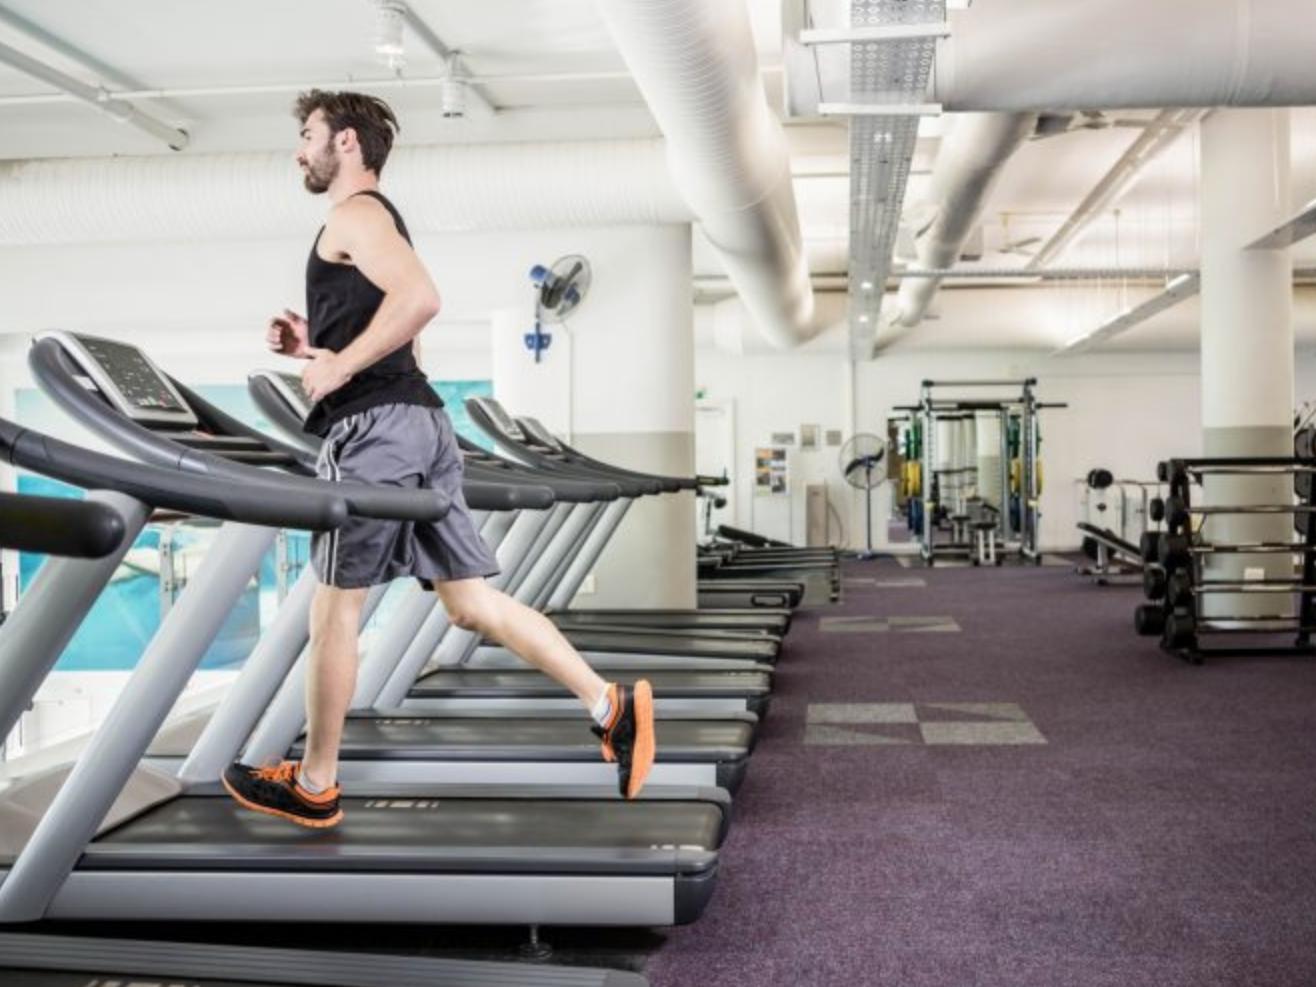 Salle de sport : exercices à faire avec le poids du corps